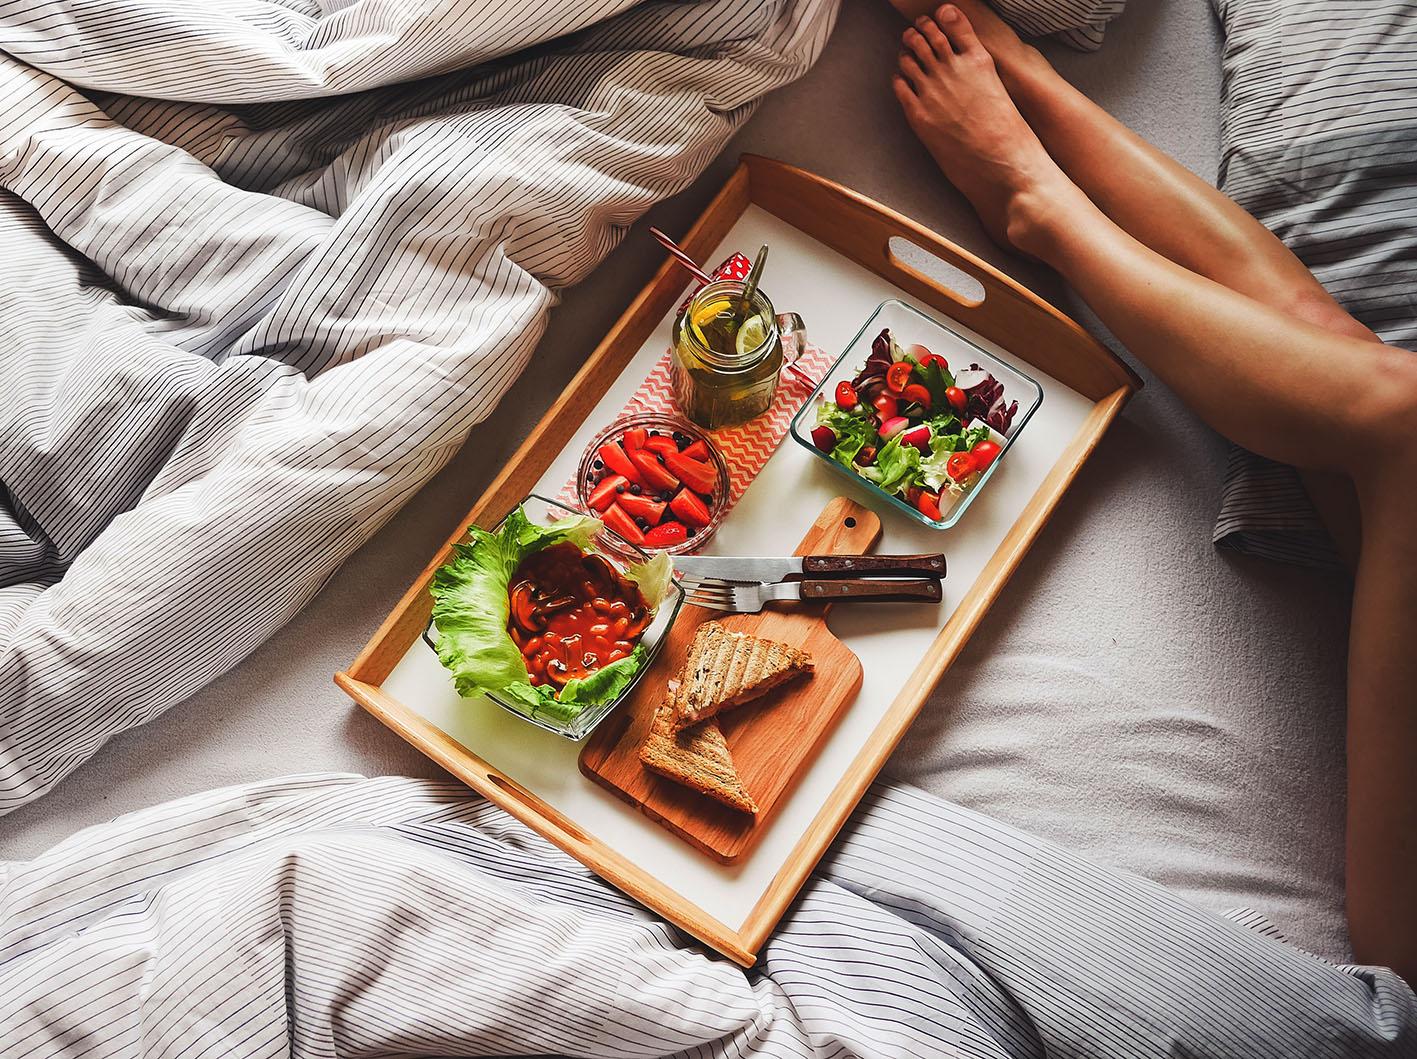 Így add le teljes túlsúlyodat! - Fogyókúra | Femina